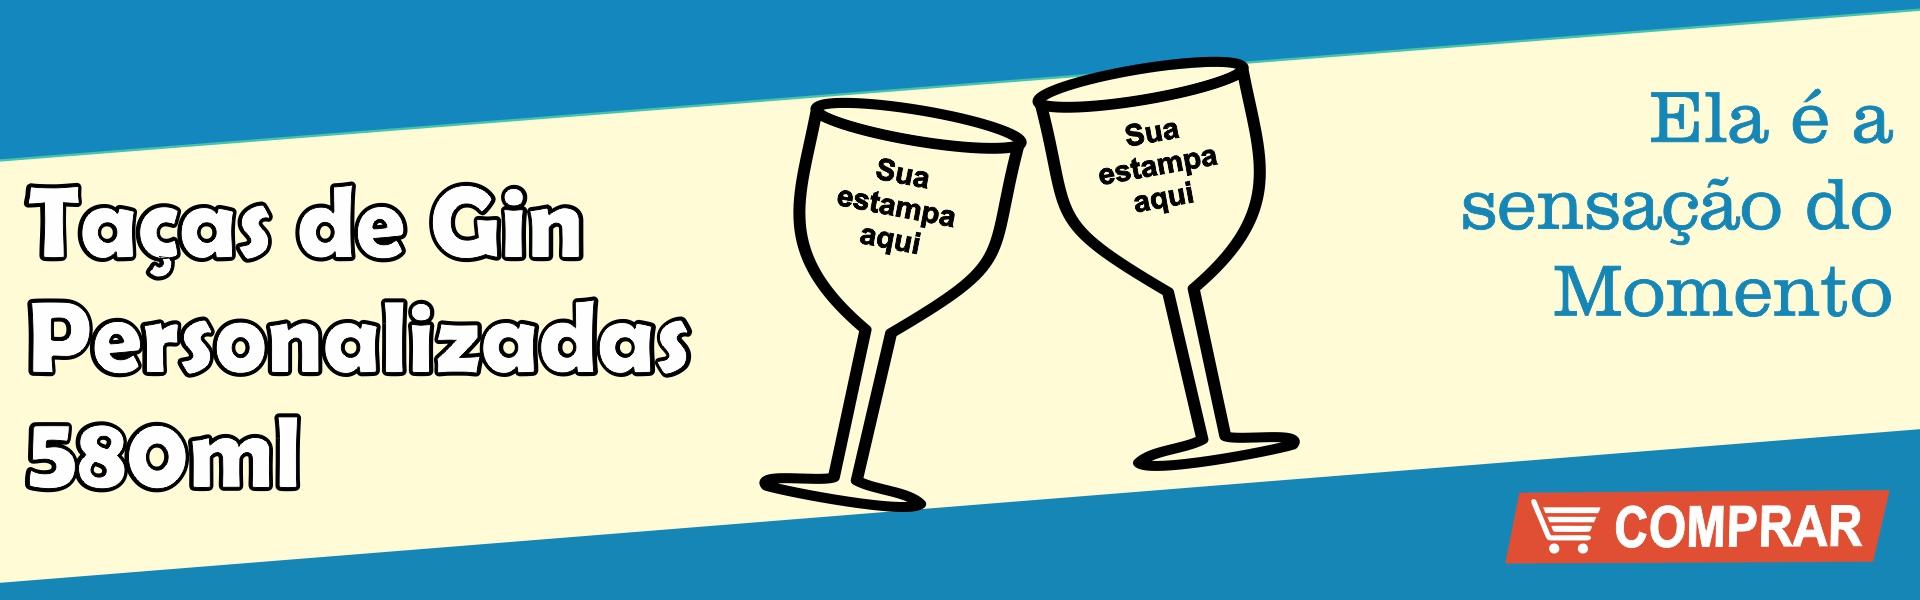 TAÇAS DE GIN PERSONALIZADAS